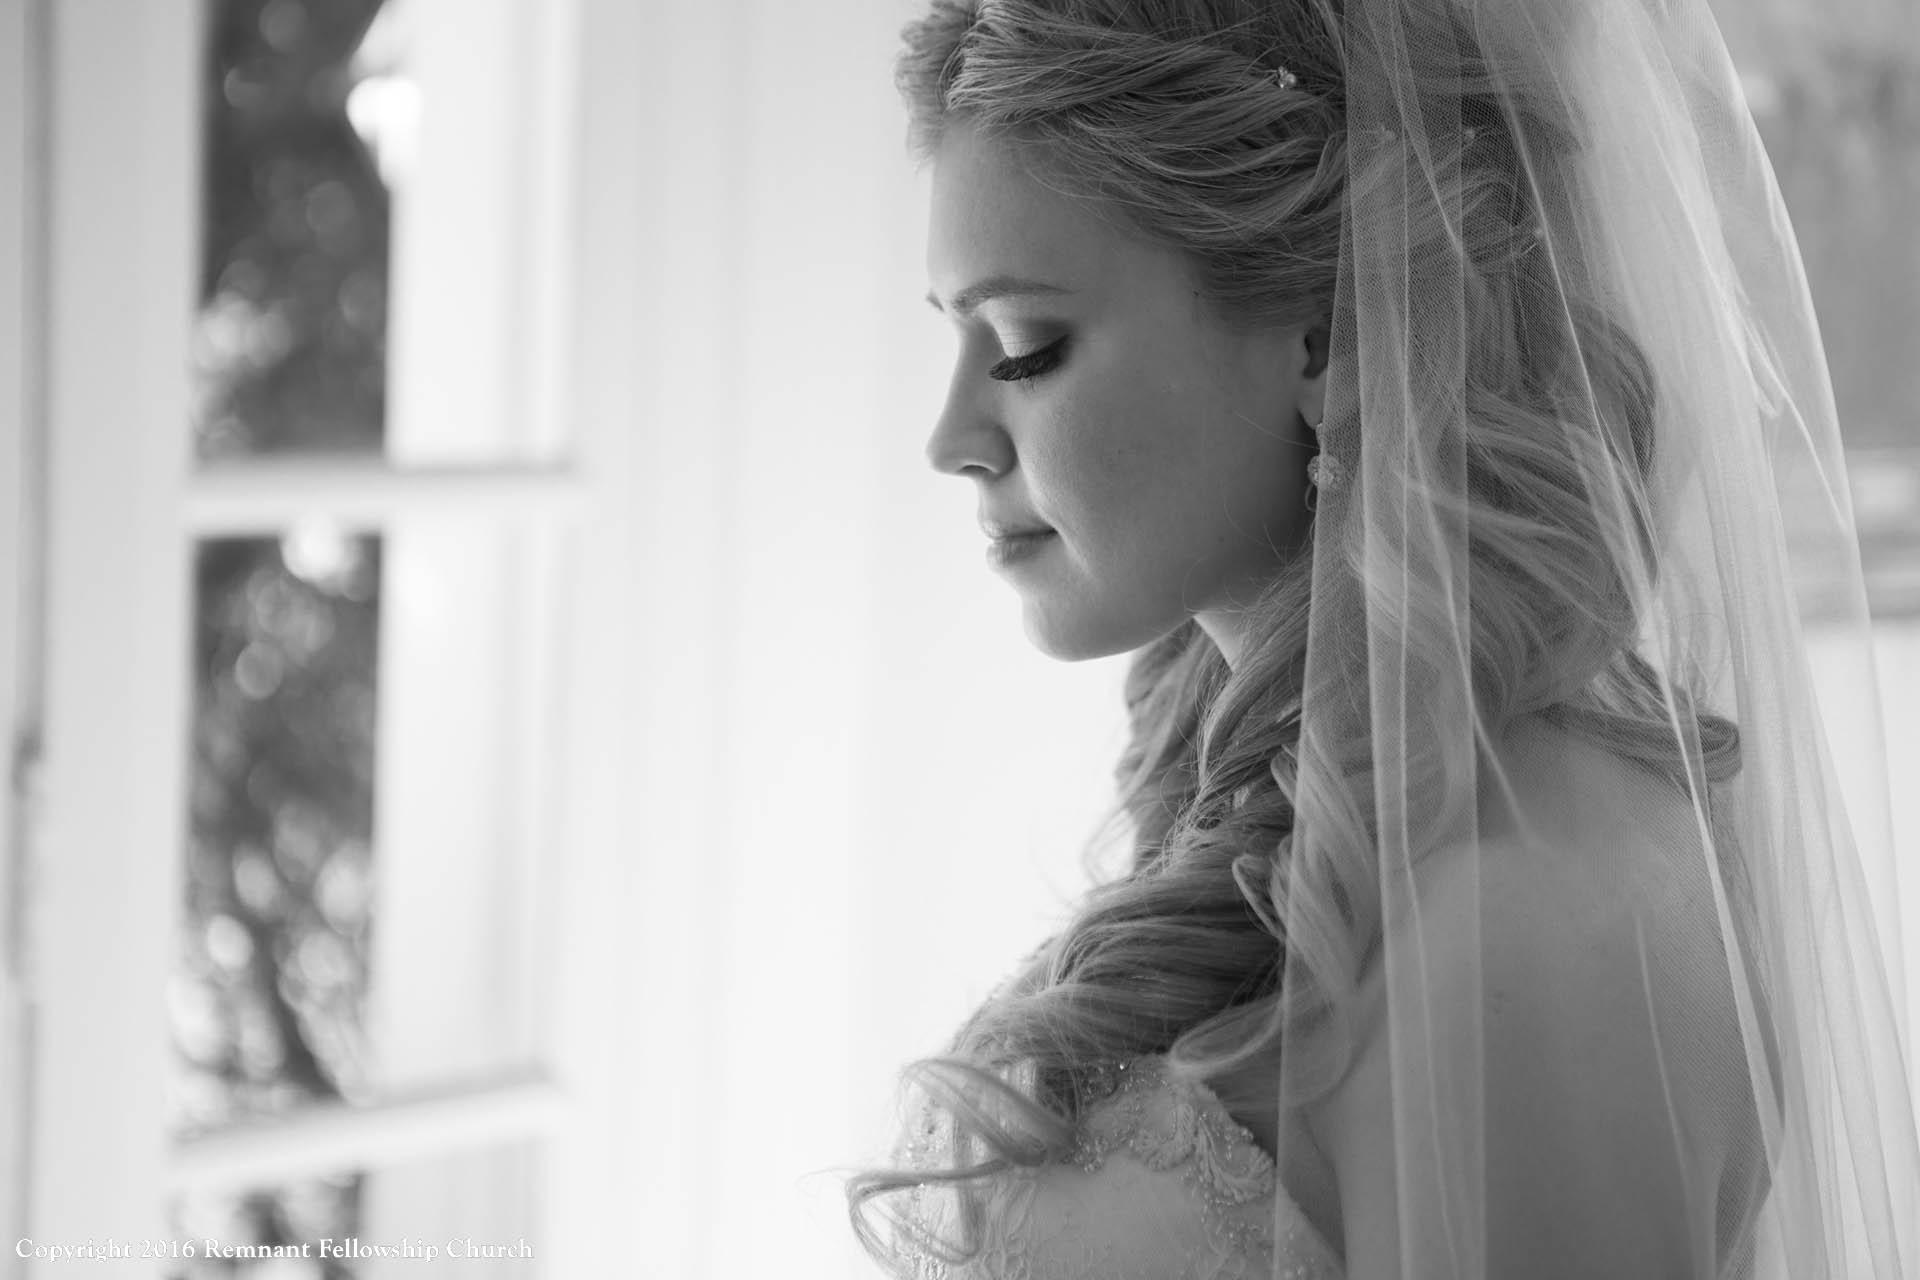 Ashton Martin & Slater Jost - Remnant Fellowship Weddings